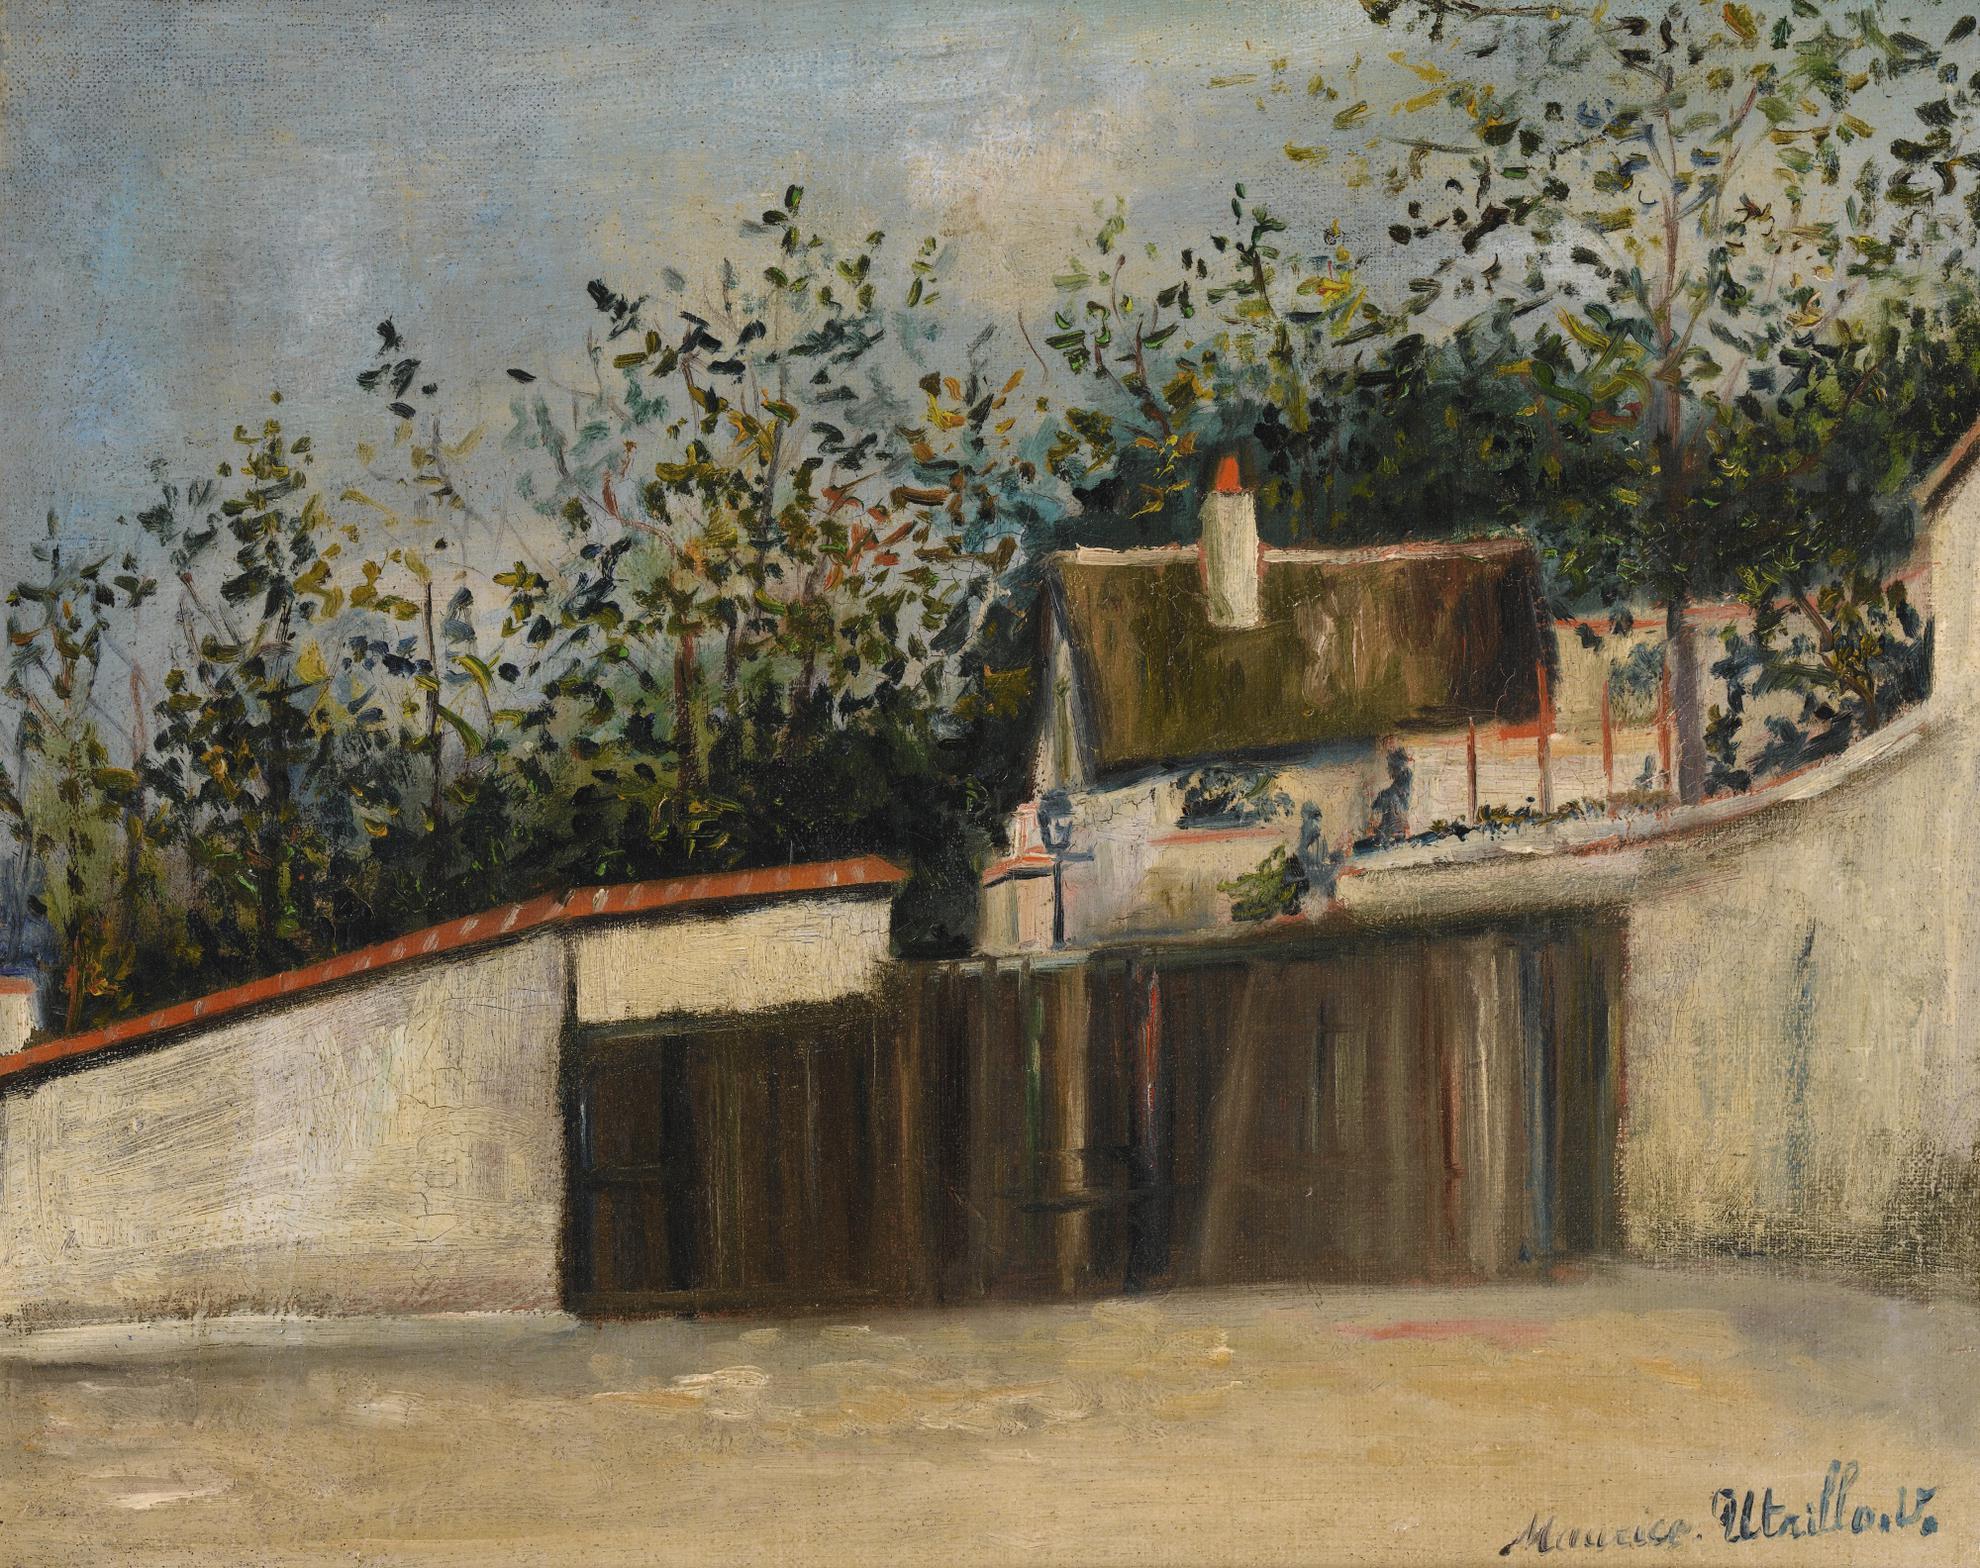 Maurice Utrillo-Rue Saint-Vincent Et Chaumiere Dhenri Iv, Montmartre (Lenclos De La Maison De Berlioz)-